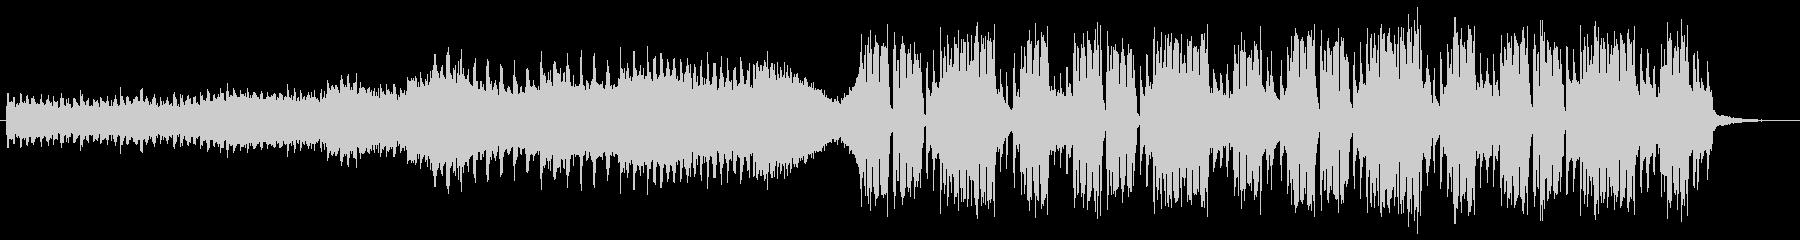 音が前面に出ている変則ビートの未再生の波形